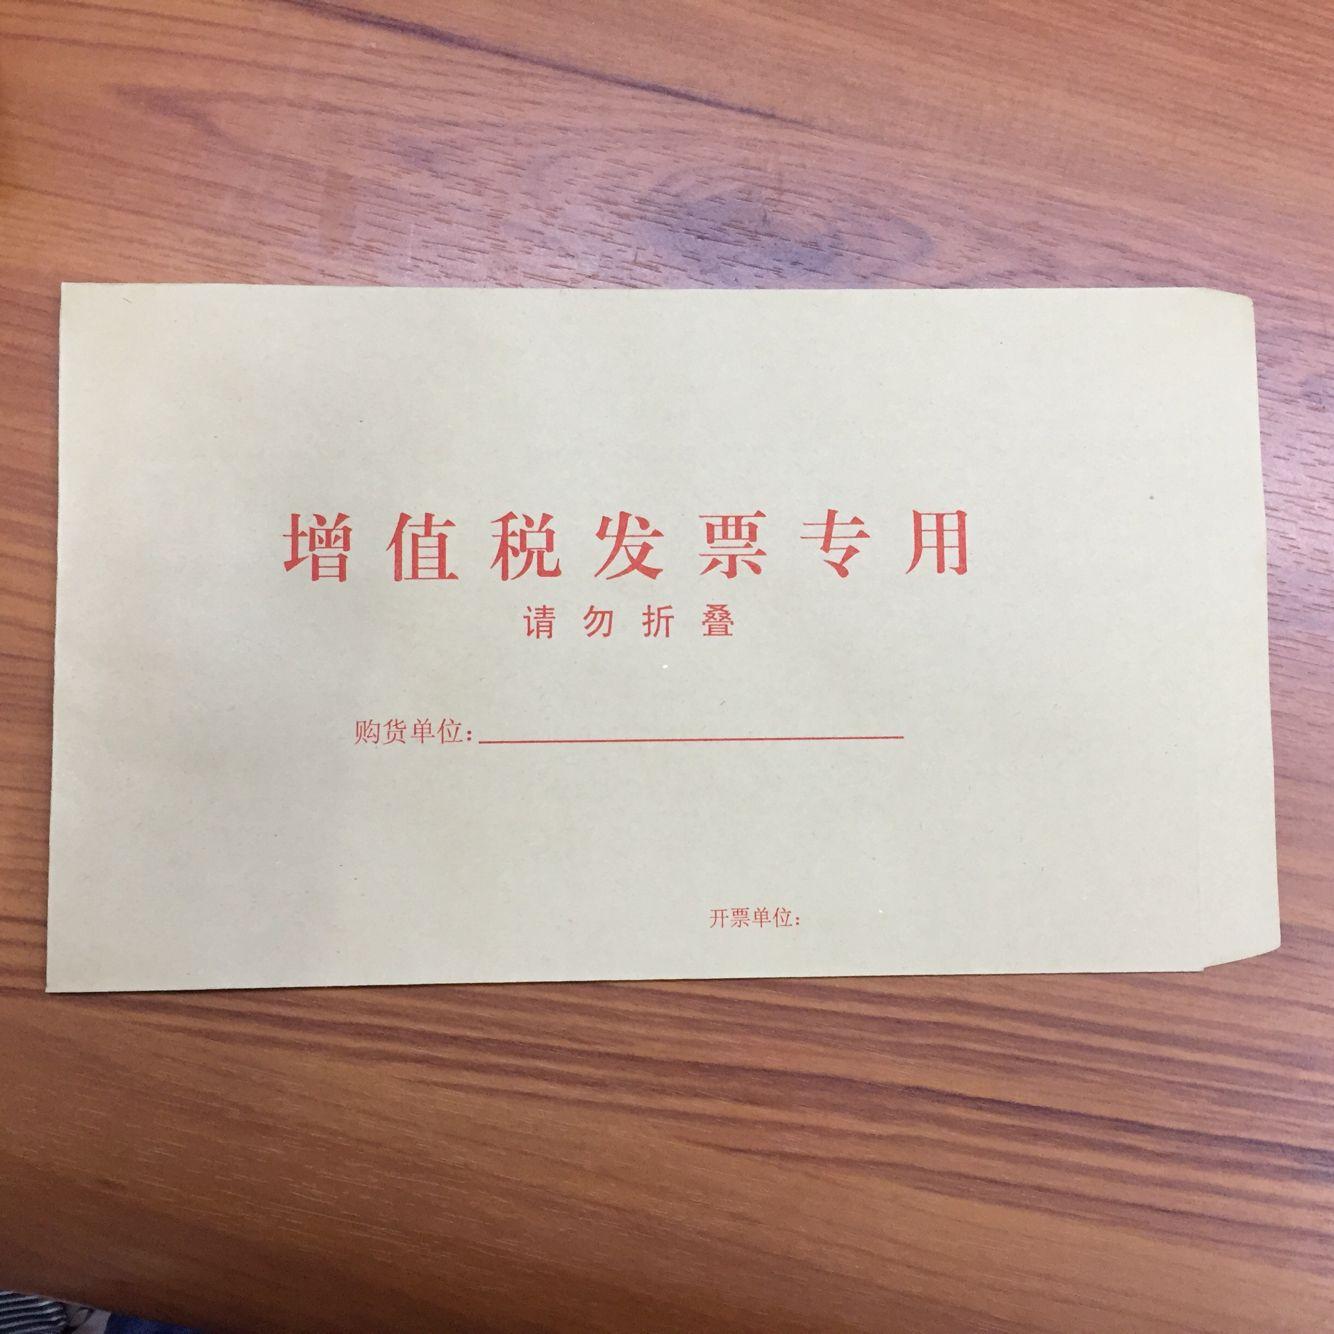 Бесплатная доставка законопроект специальный мешок счет-фактура специальный конверт стандарт налог на добавленную стоимость билет утолщённый скот пергамент конверт мешок 100 месяцы